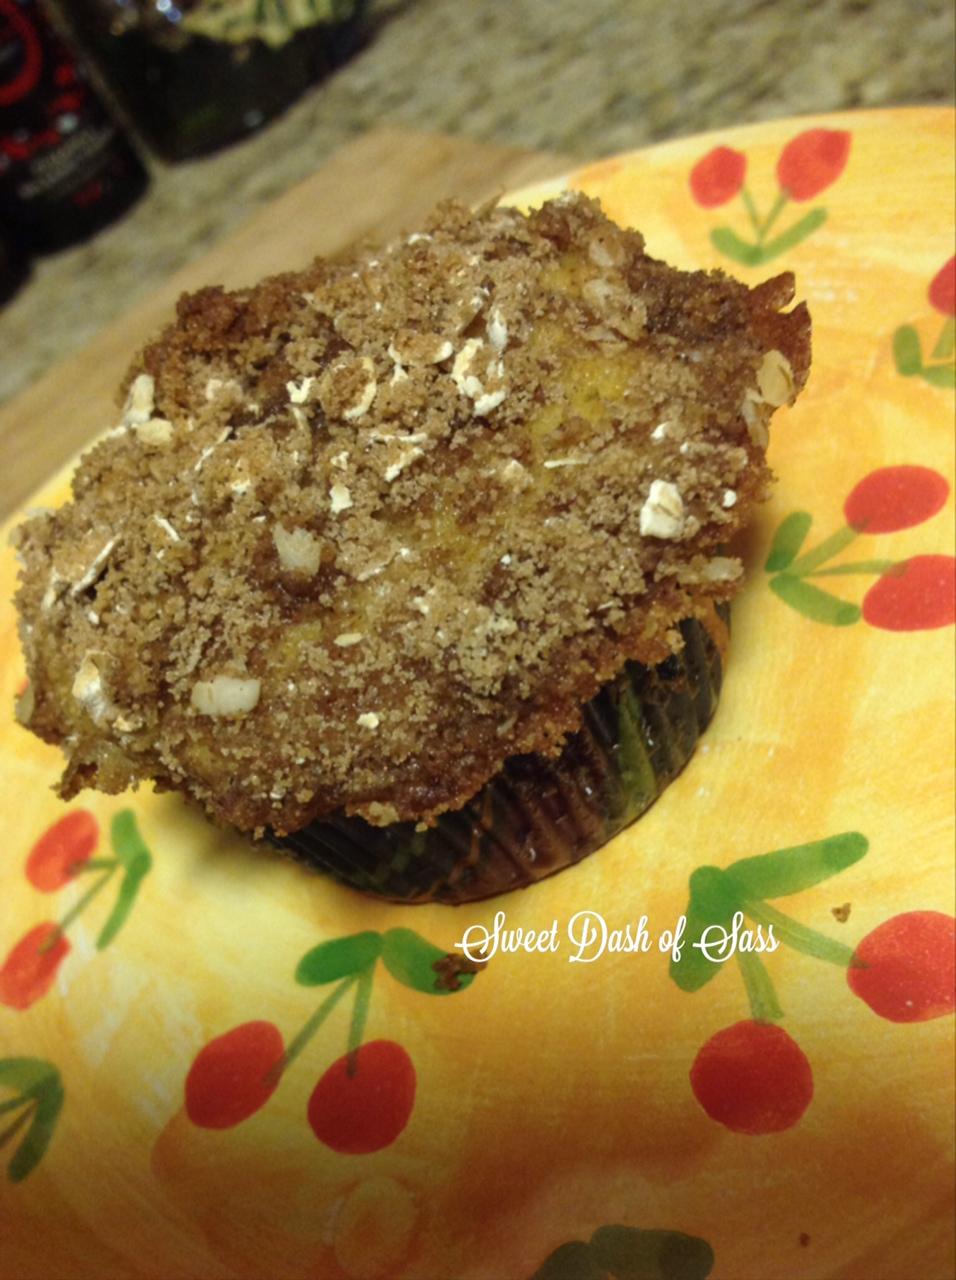 Pumpkin-Banana Streusel Muffins - www.SweetDashofSass.com